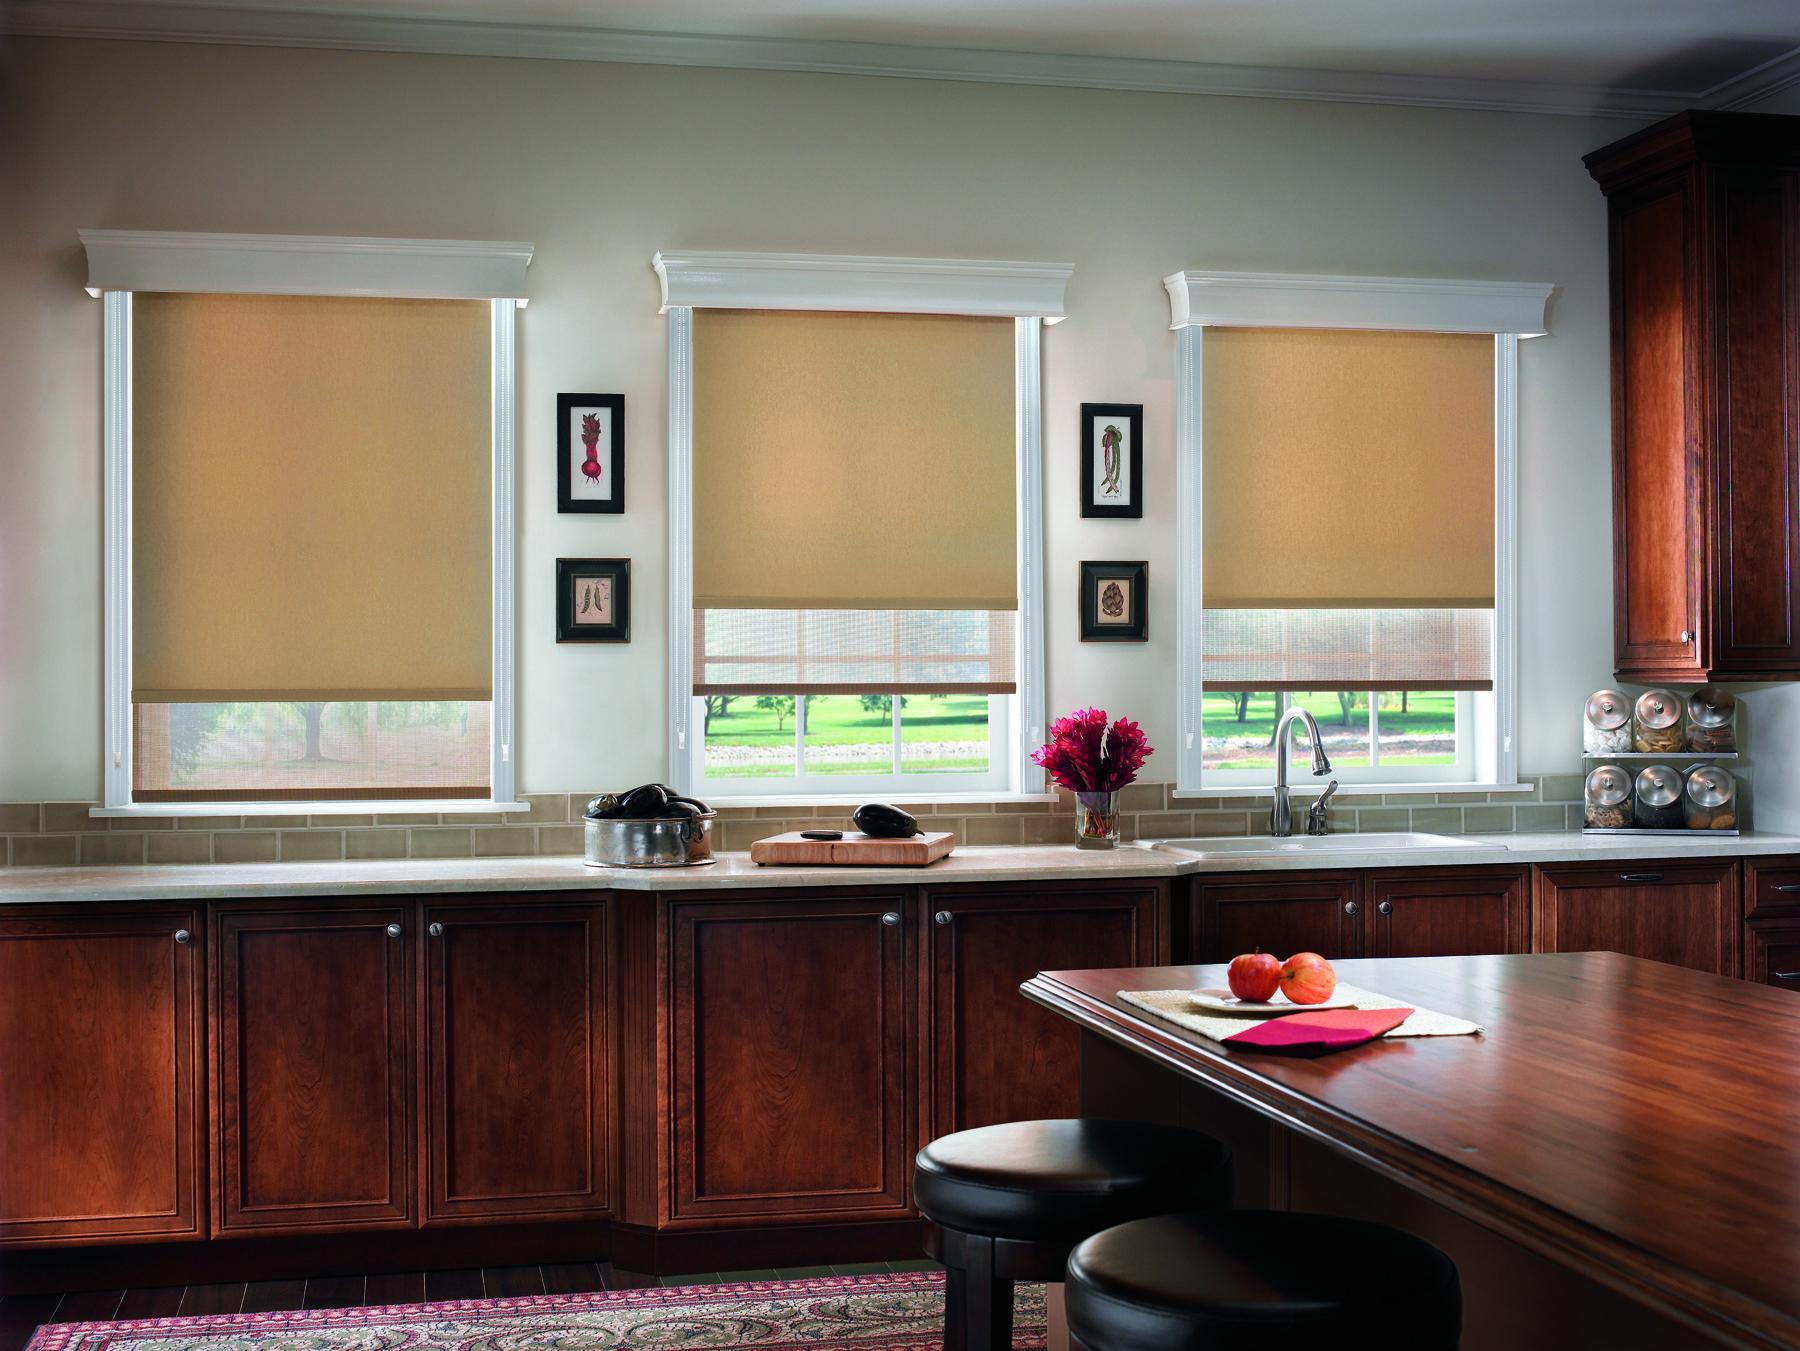 blinds desktop hd s and steve of steves best high quality full wallpaper